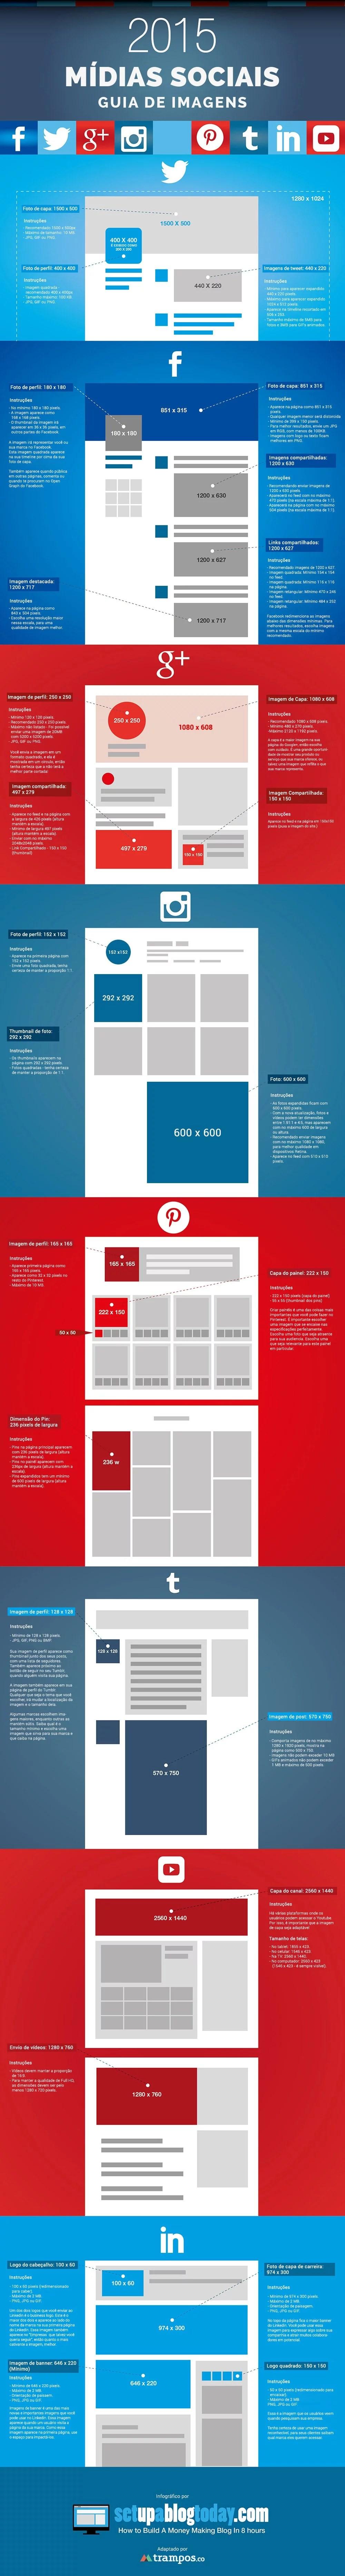 infografico-tamanho-das-imagens-nas-midias-sociais